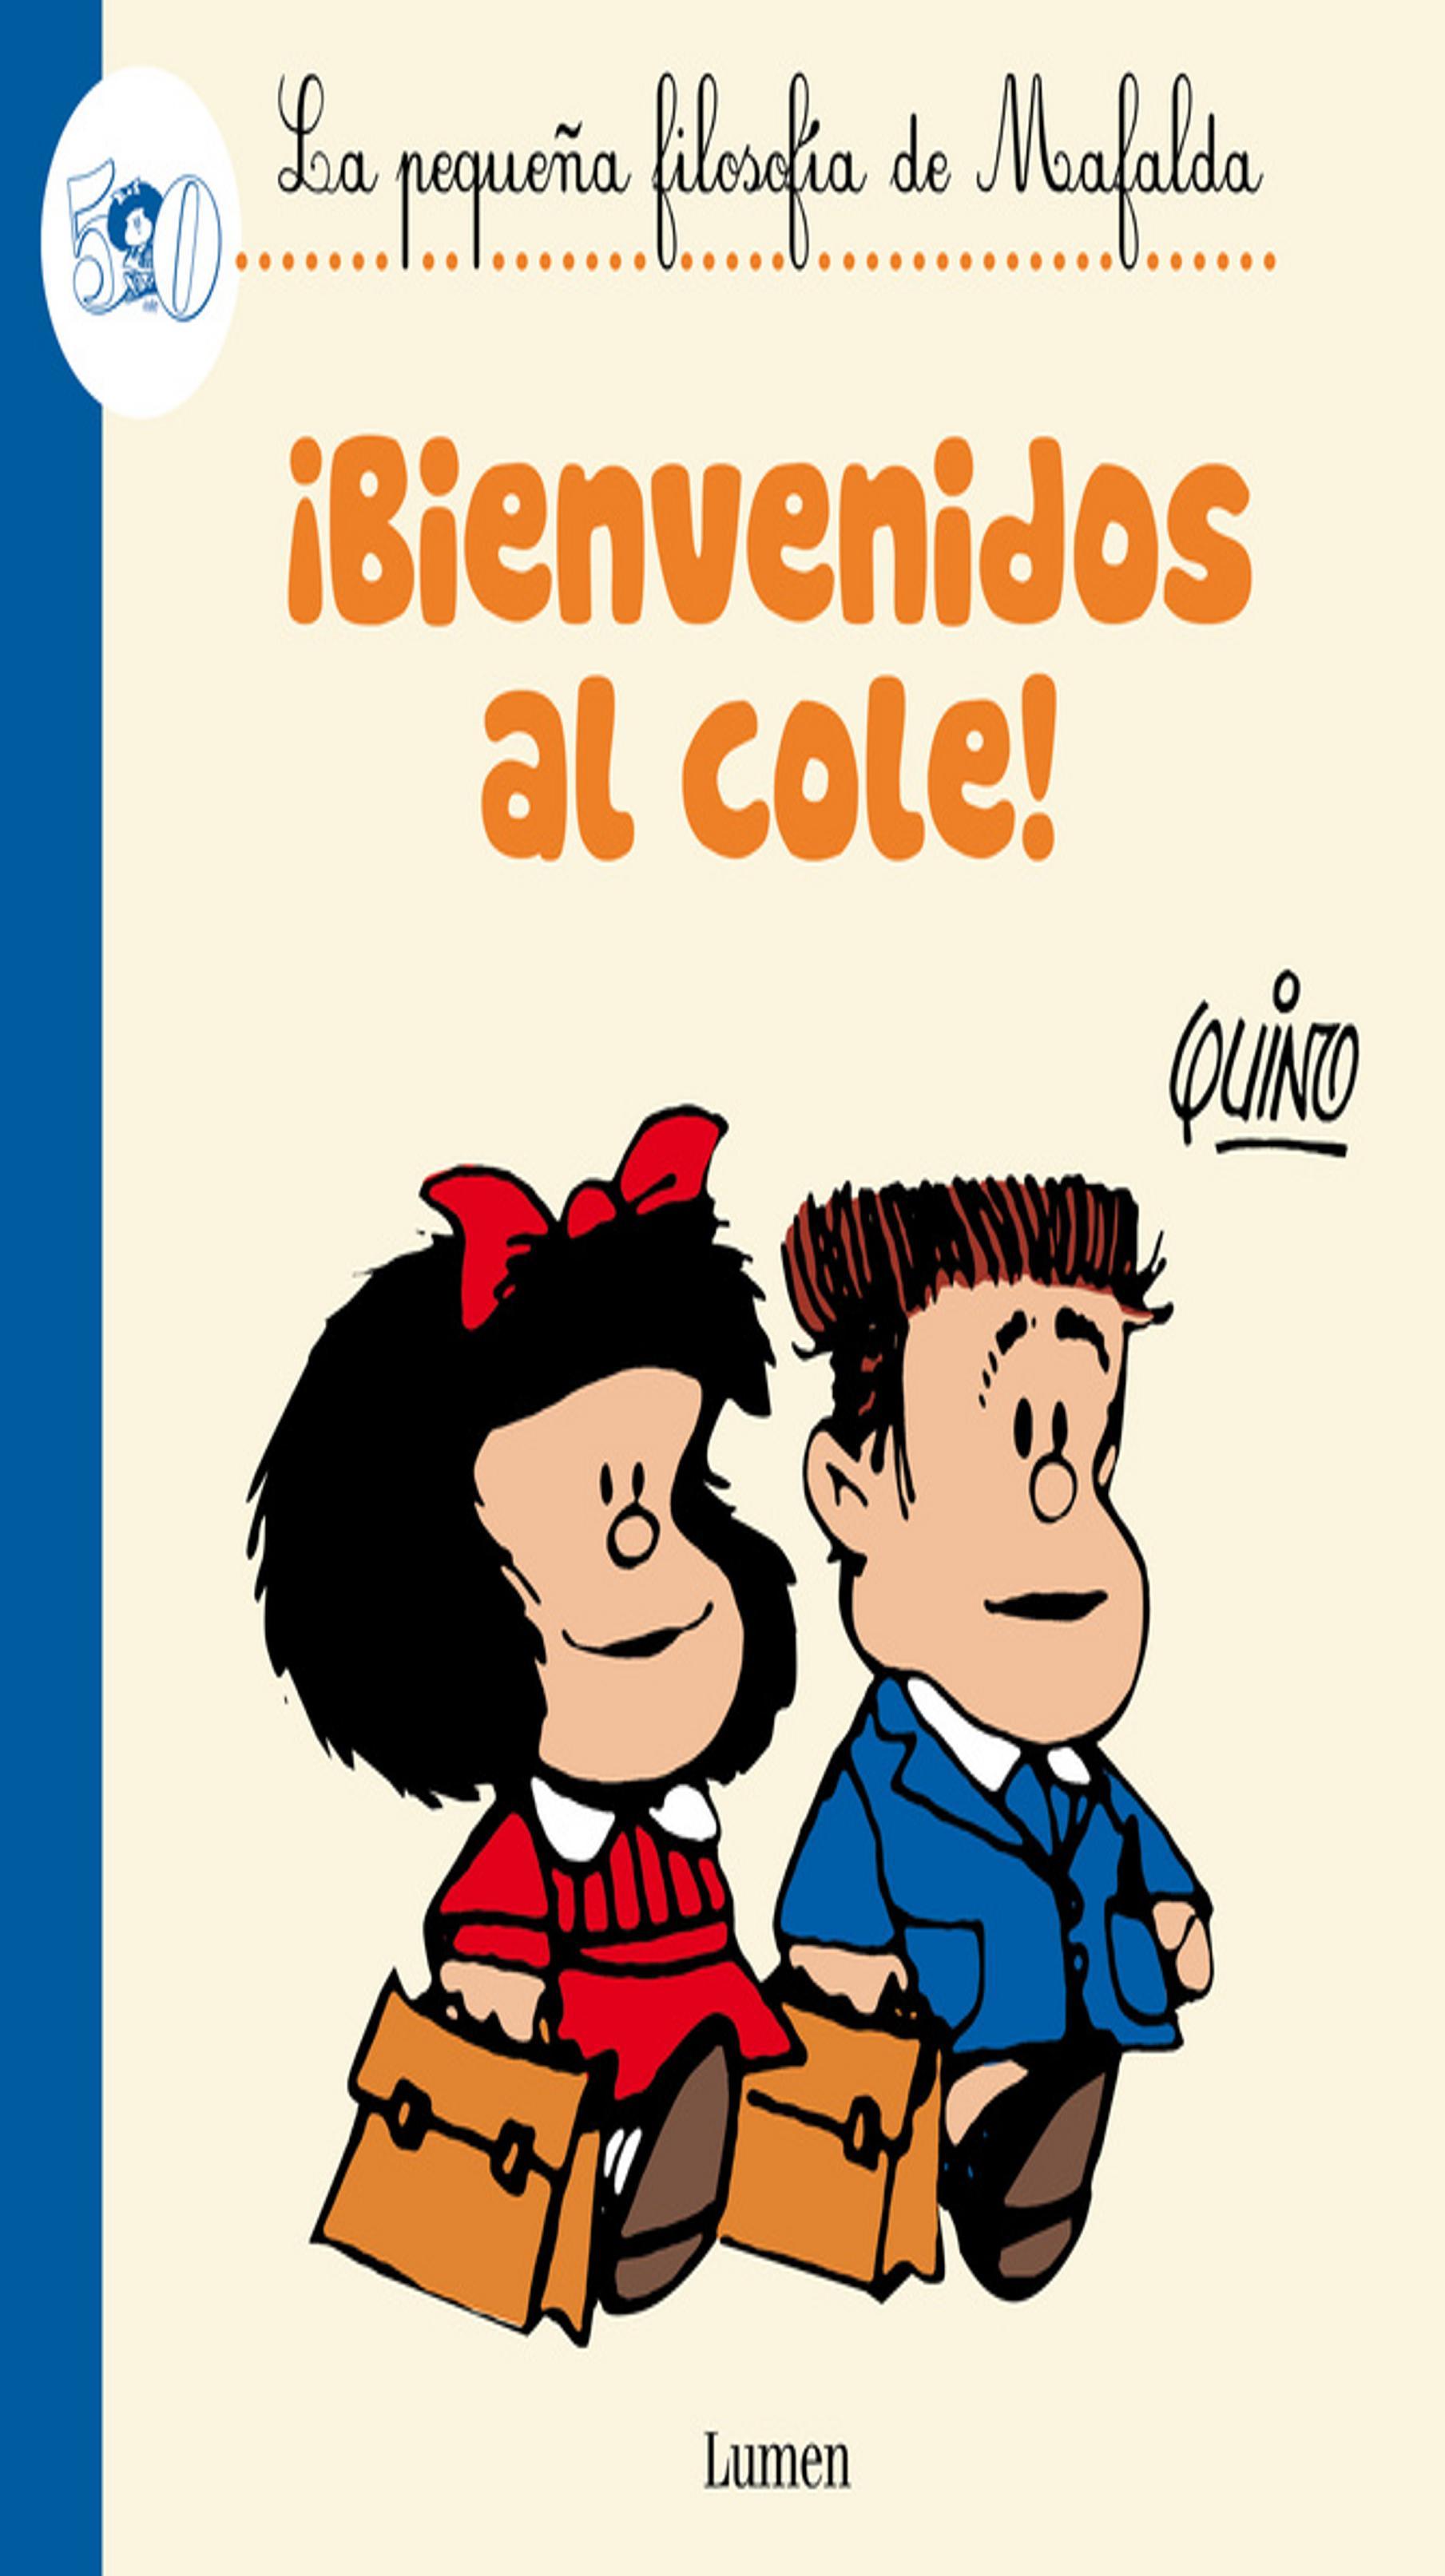 BIENVENIDOS AL COLE - Pequeña Filosofía de Mafalda